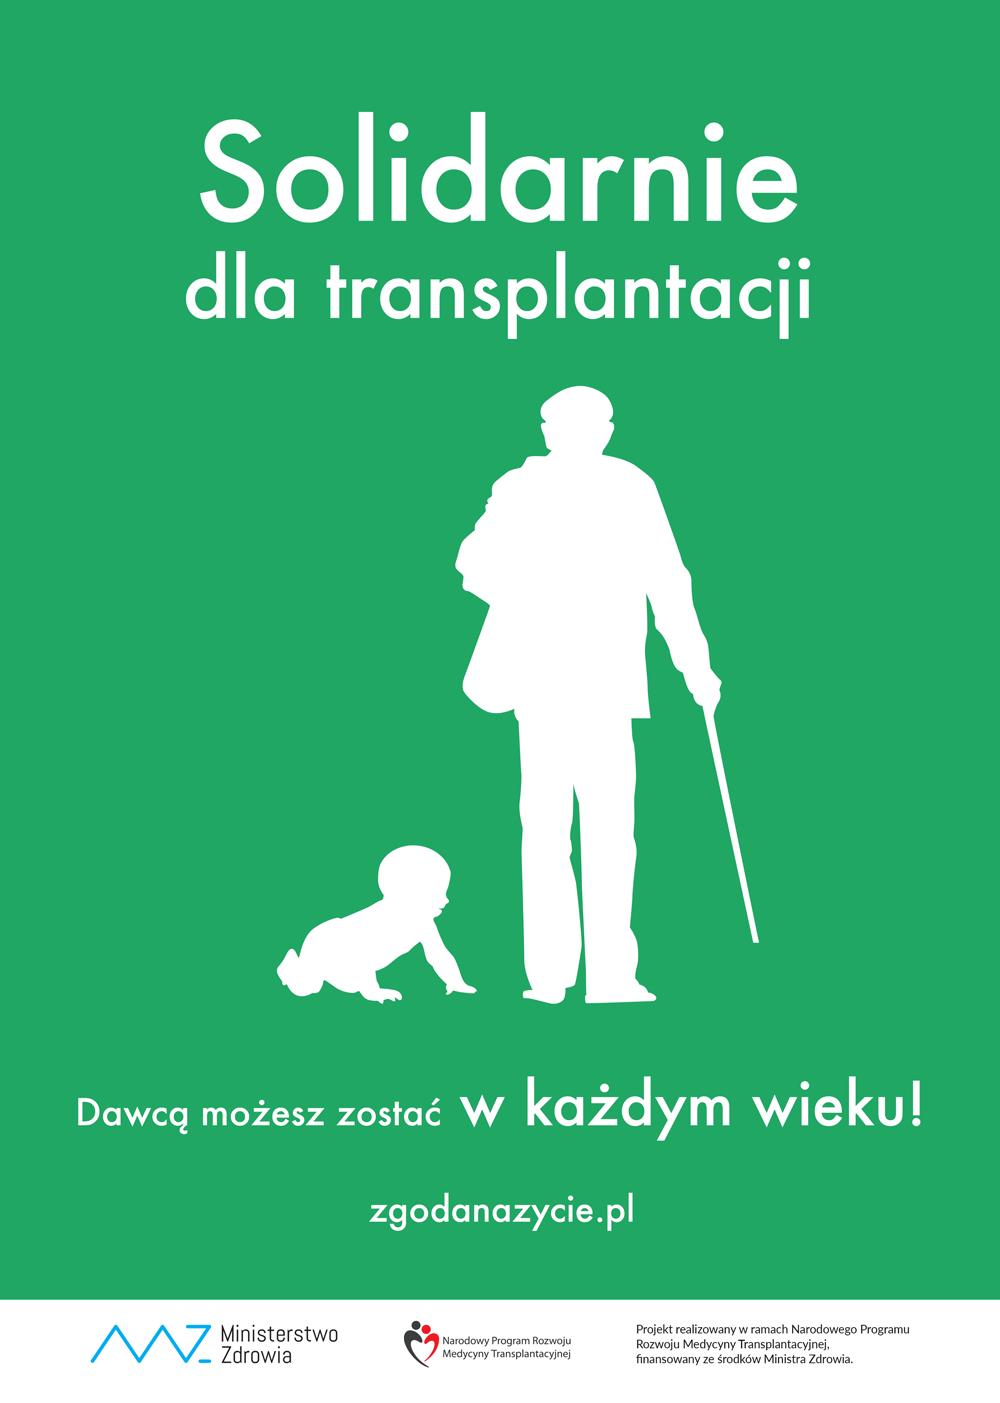 plakat kampanii Solidarnie dla transplantacji; przeszczep; dawcą możesz zostać w każdym wieku